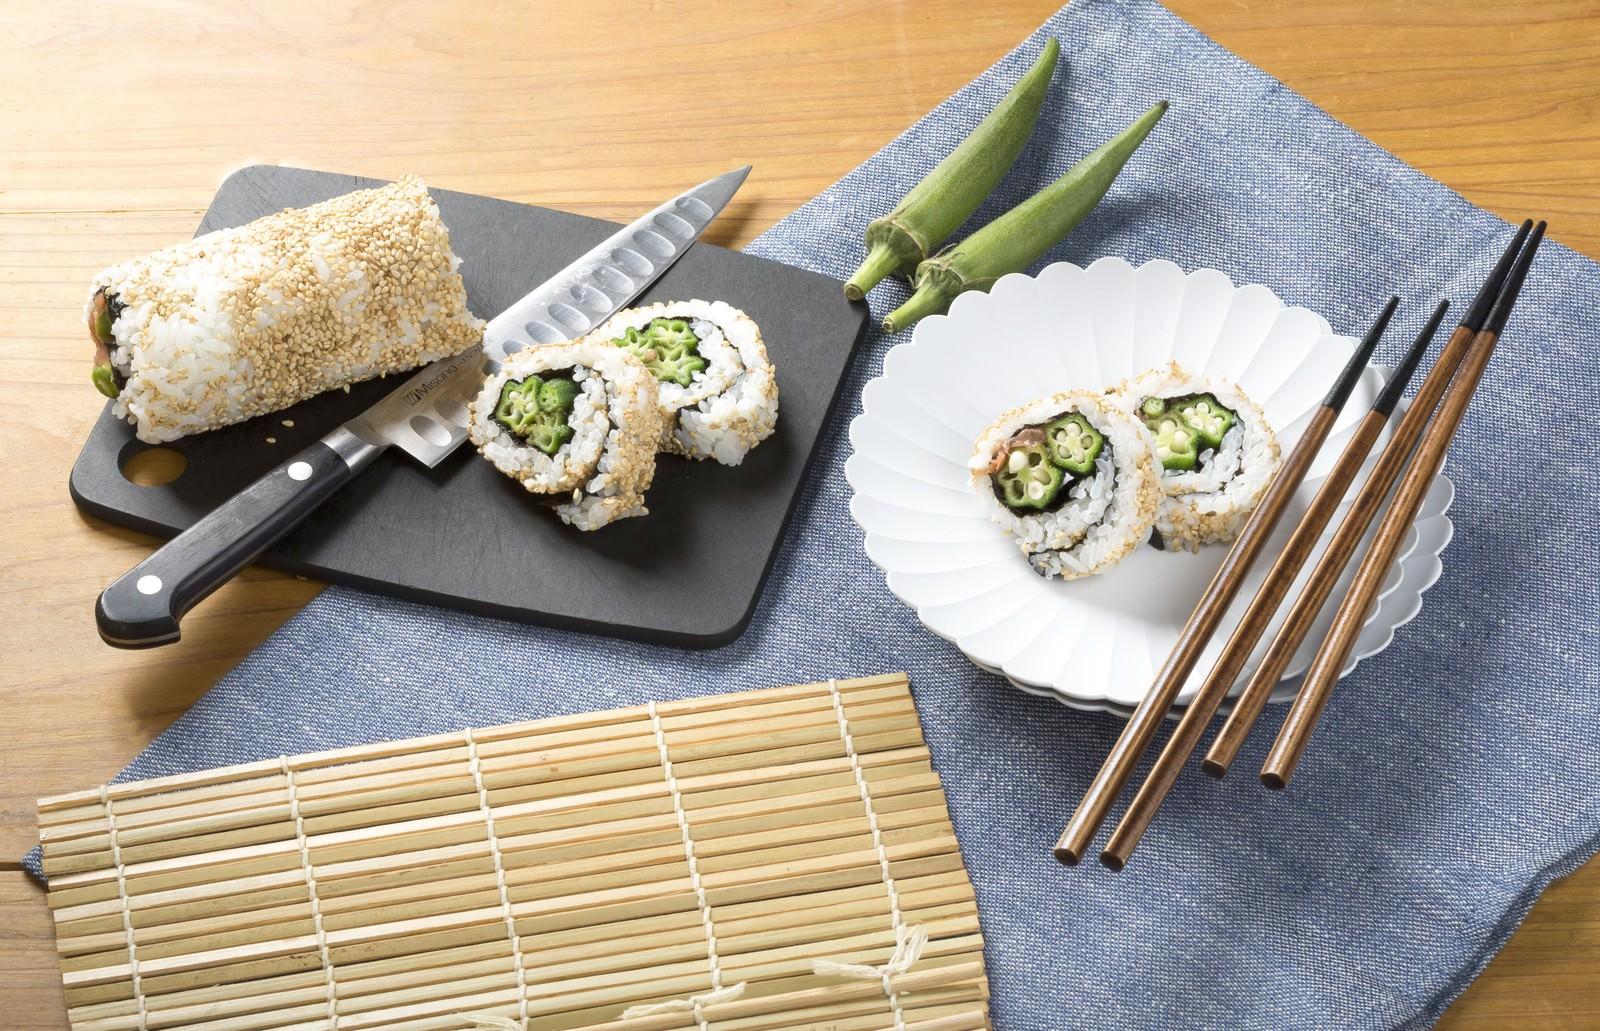 「オクラを使った裏巻き寿司」の写真